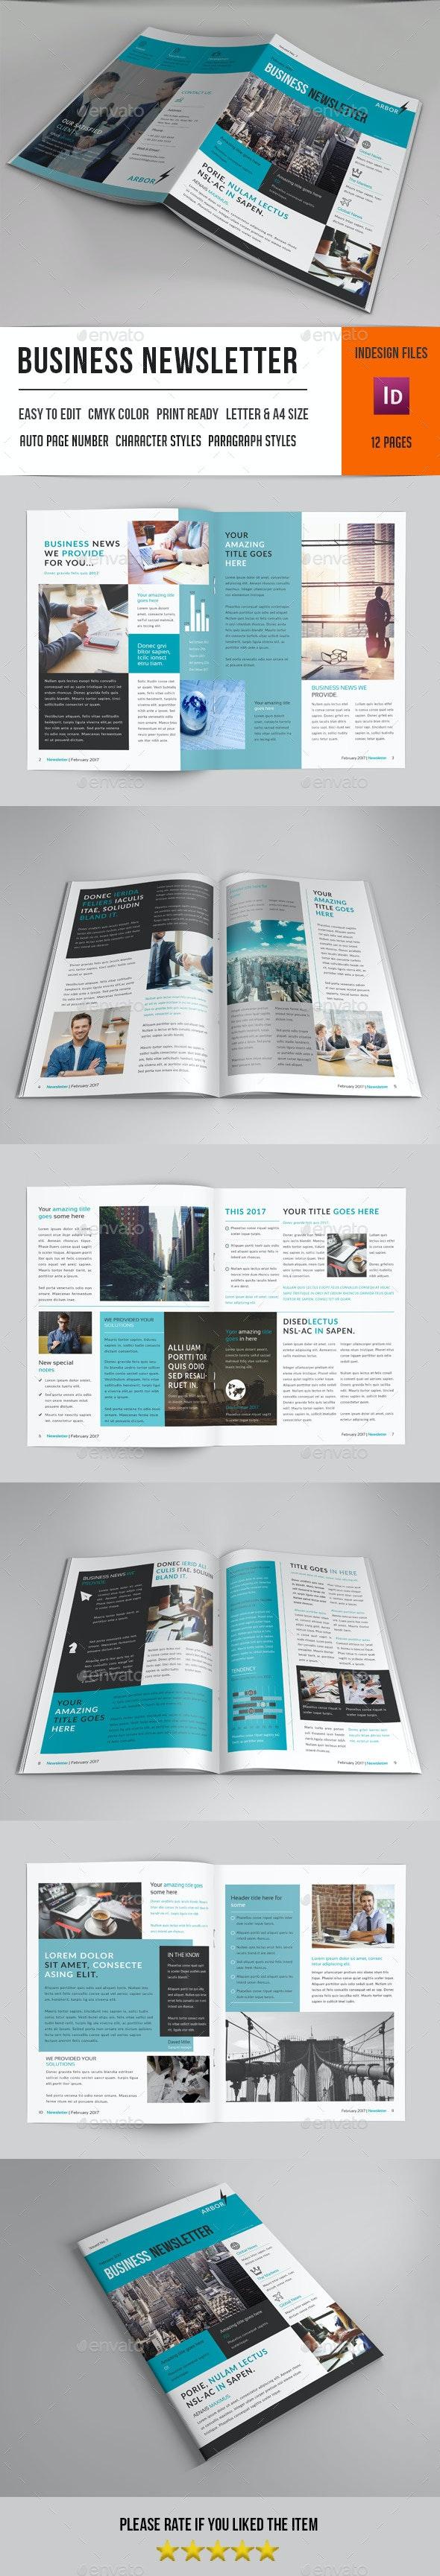 Business Newsletter-V12 - Newsletters Print Templates